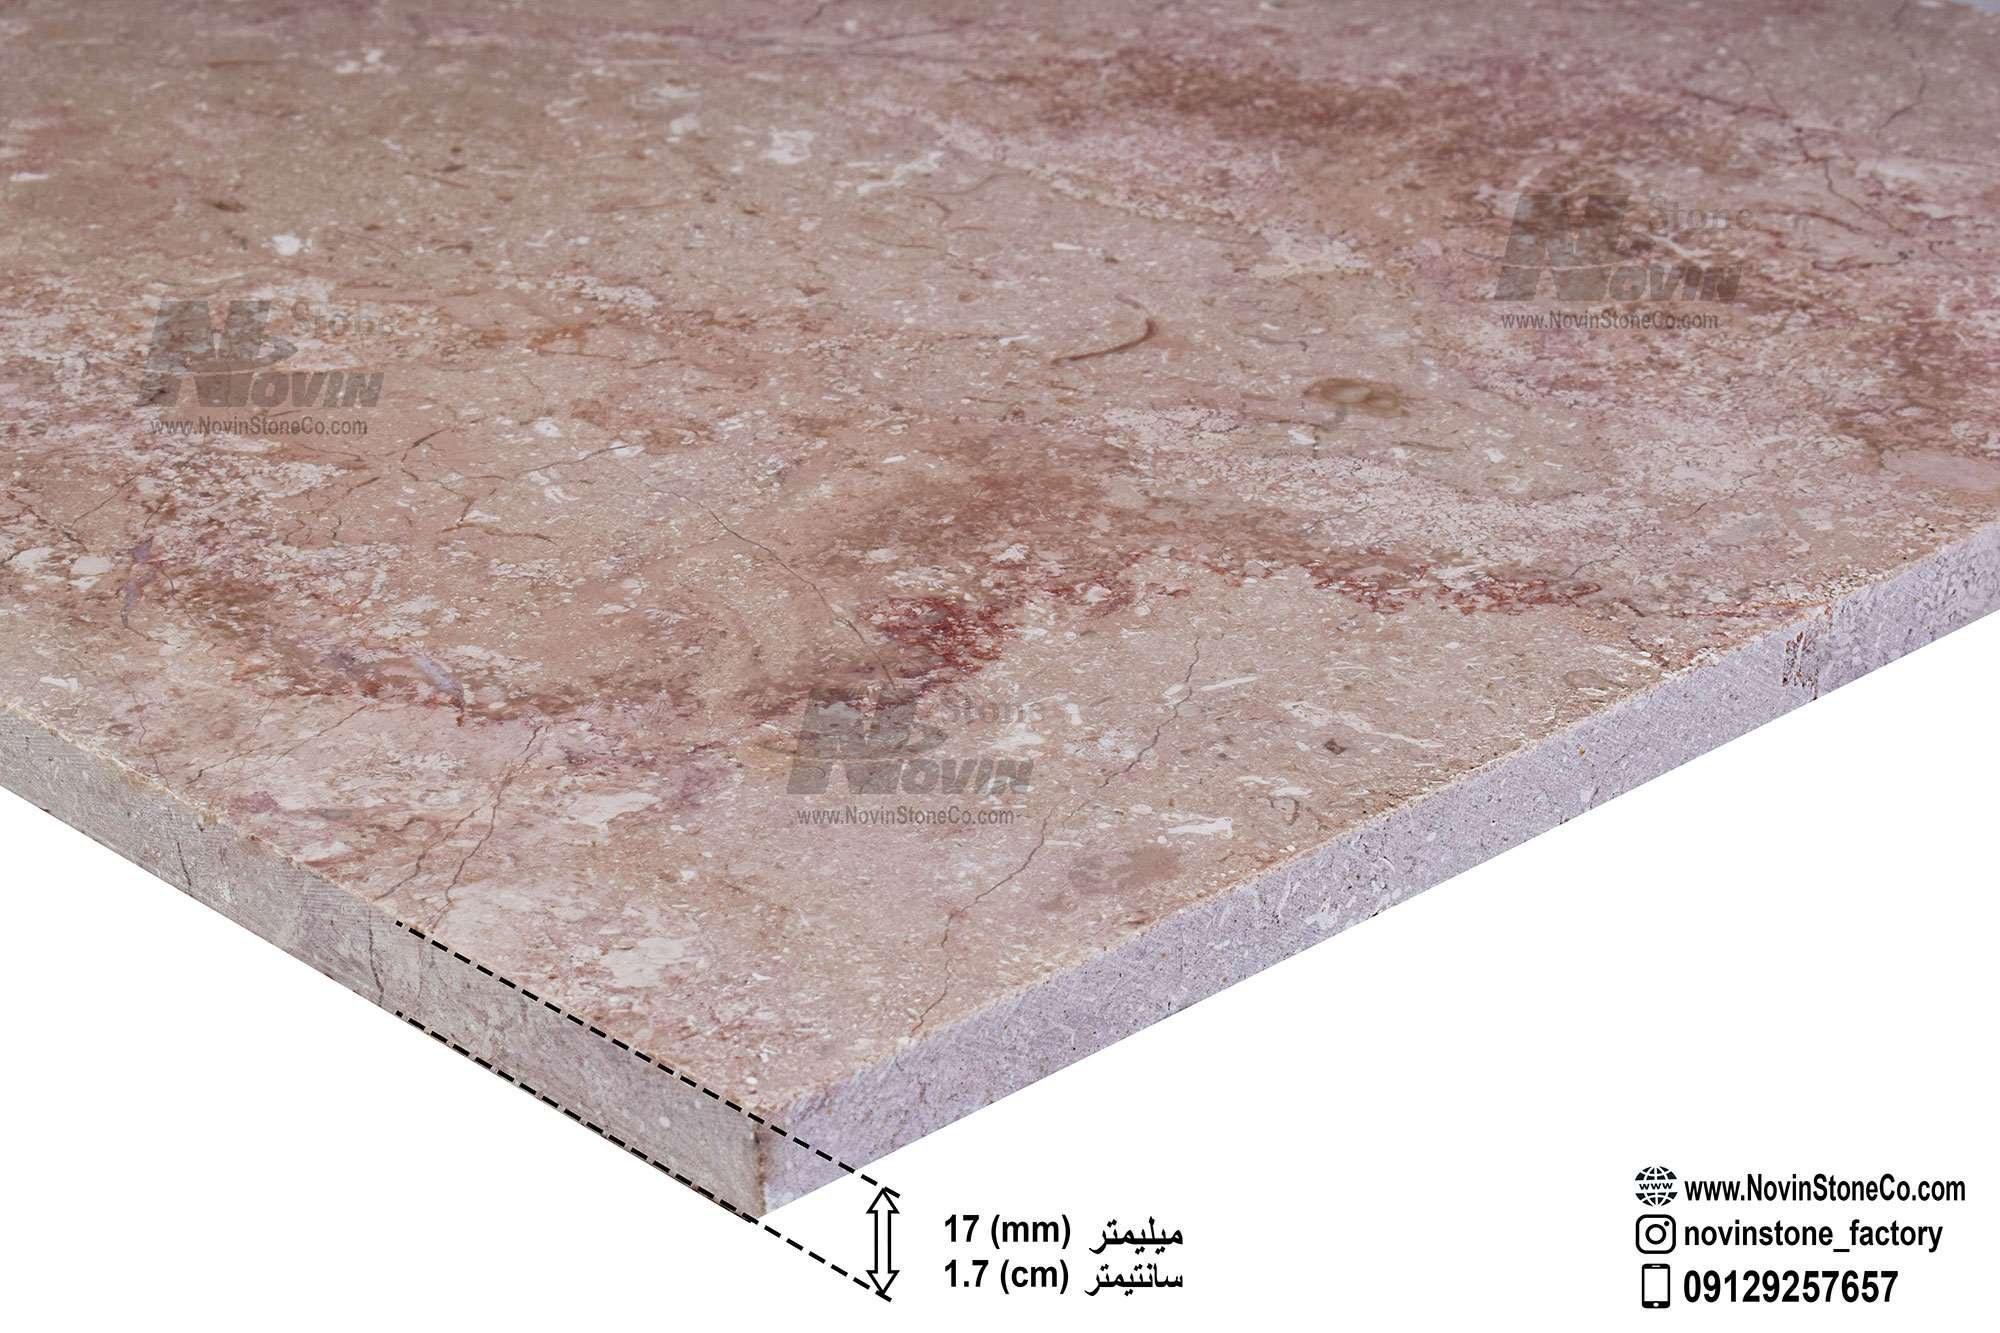 تصویر گروه کارخانجات نوین سنگ - سنگ ژان|سنگ فرشی مرمریت اداوی ابعاد پاگرد